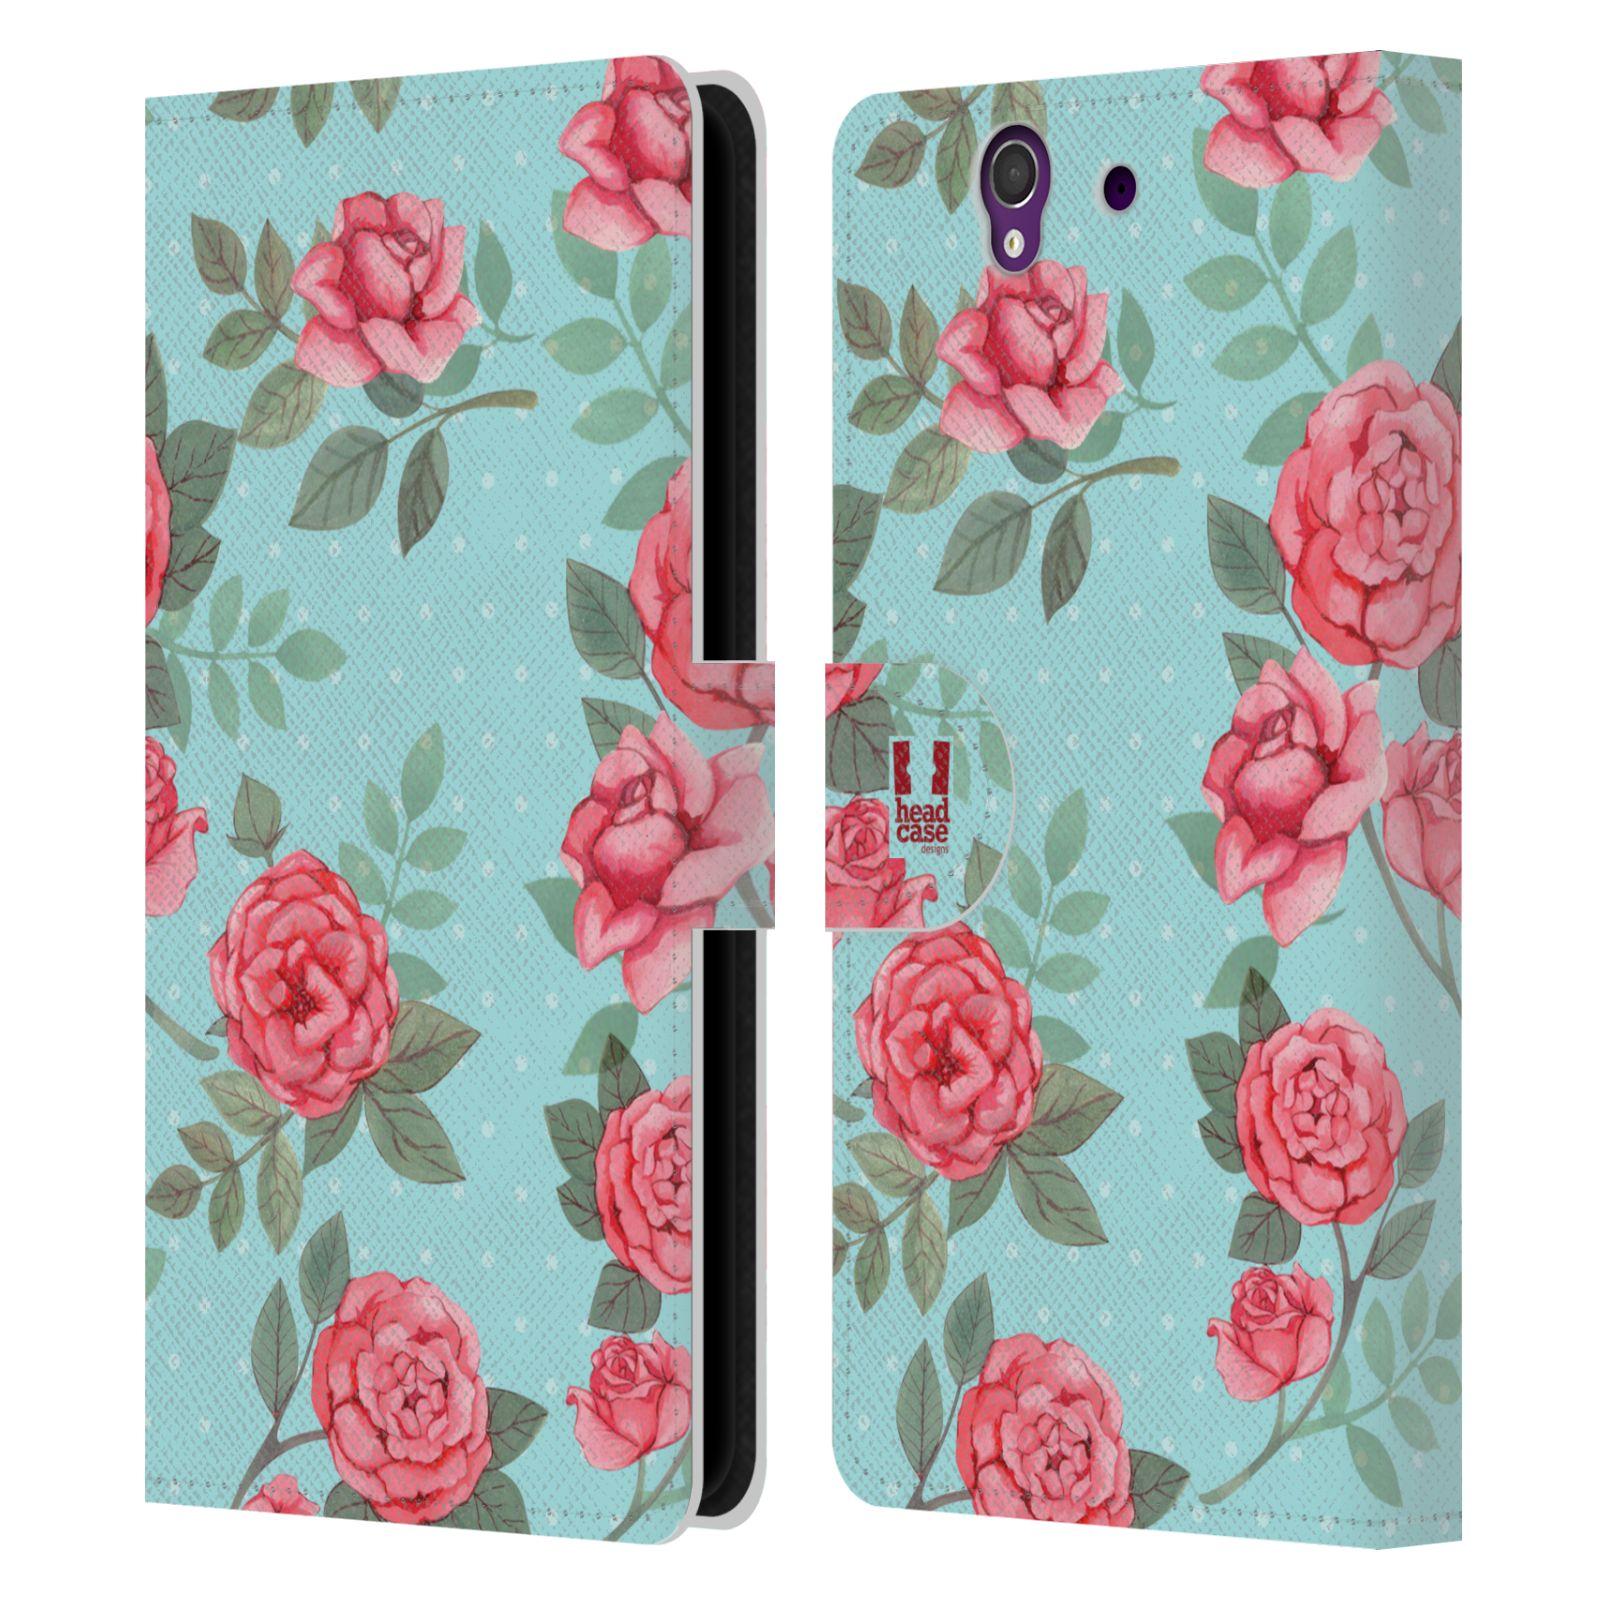 HEAD CASE Flipové pouzdro pro mobil SONY XPERIA Z (C6603) romantické květy velké růže modrá a růžová